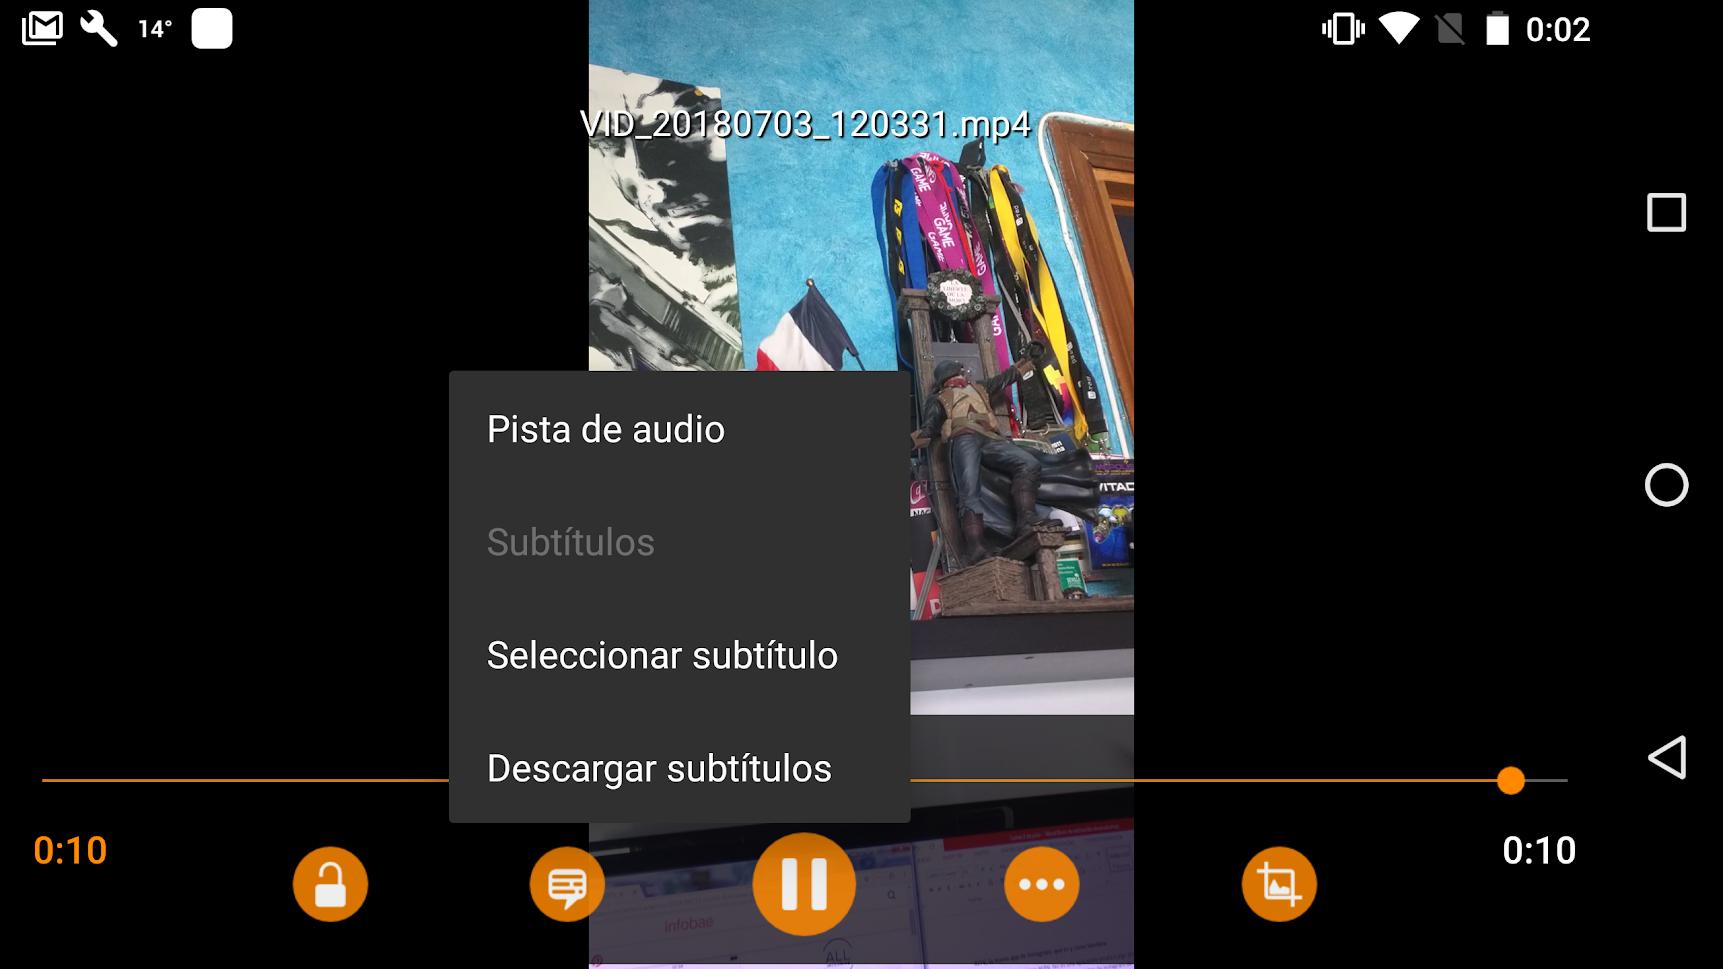 Cómo poner subtítulos en un vídeo en Android